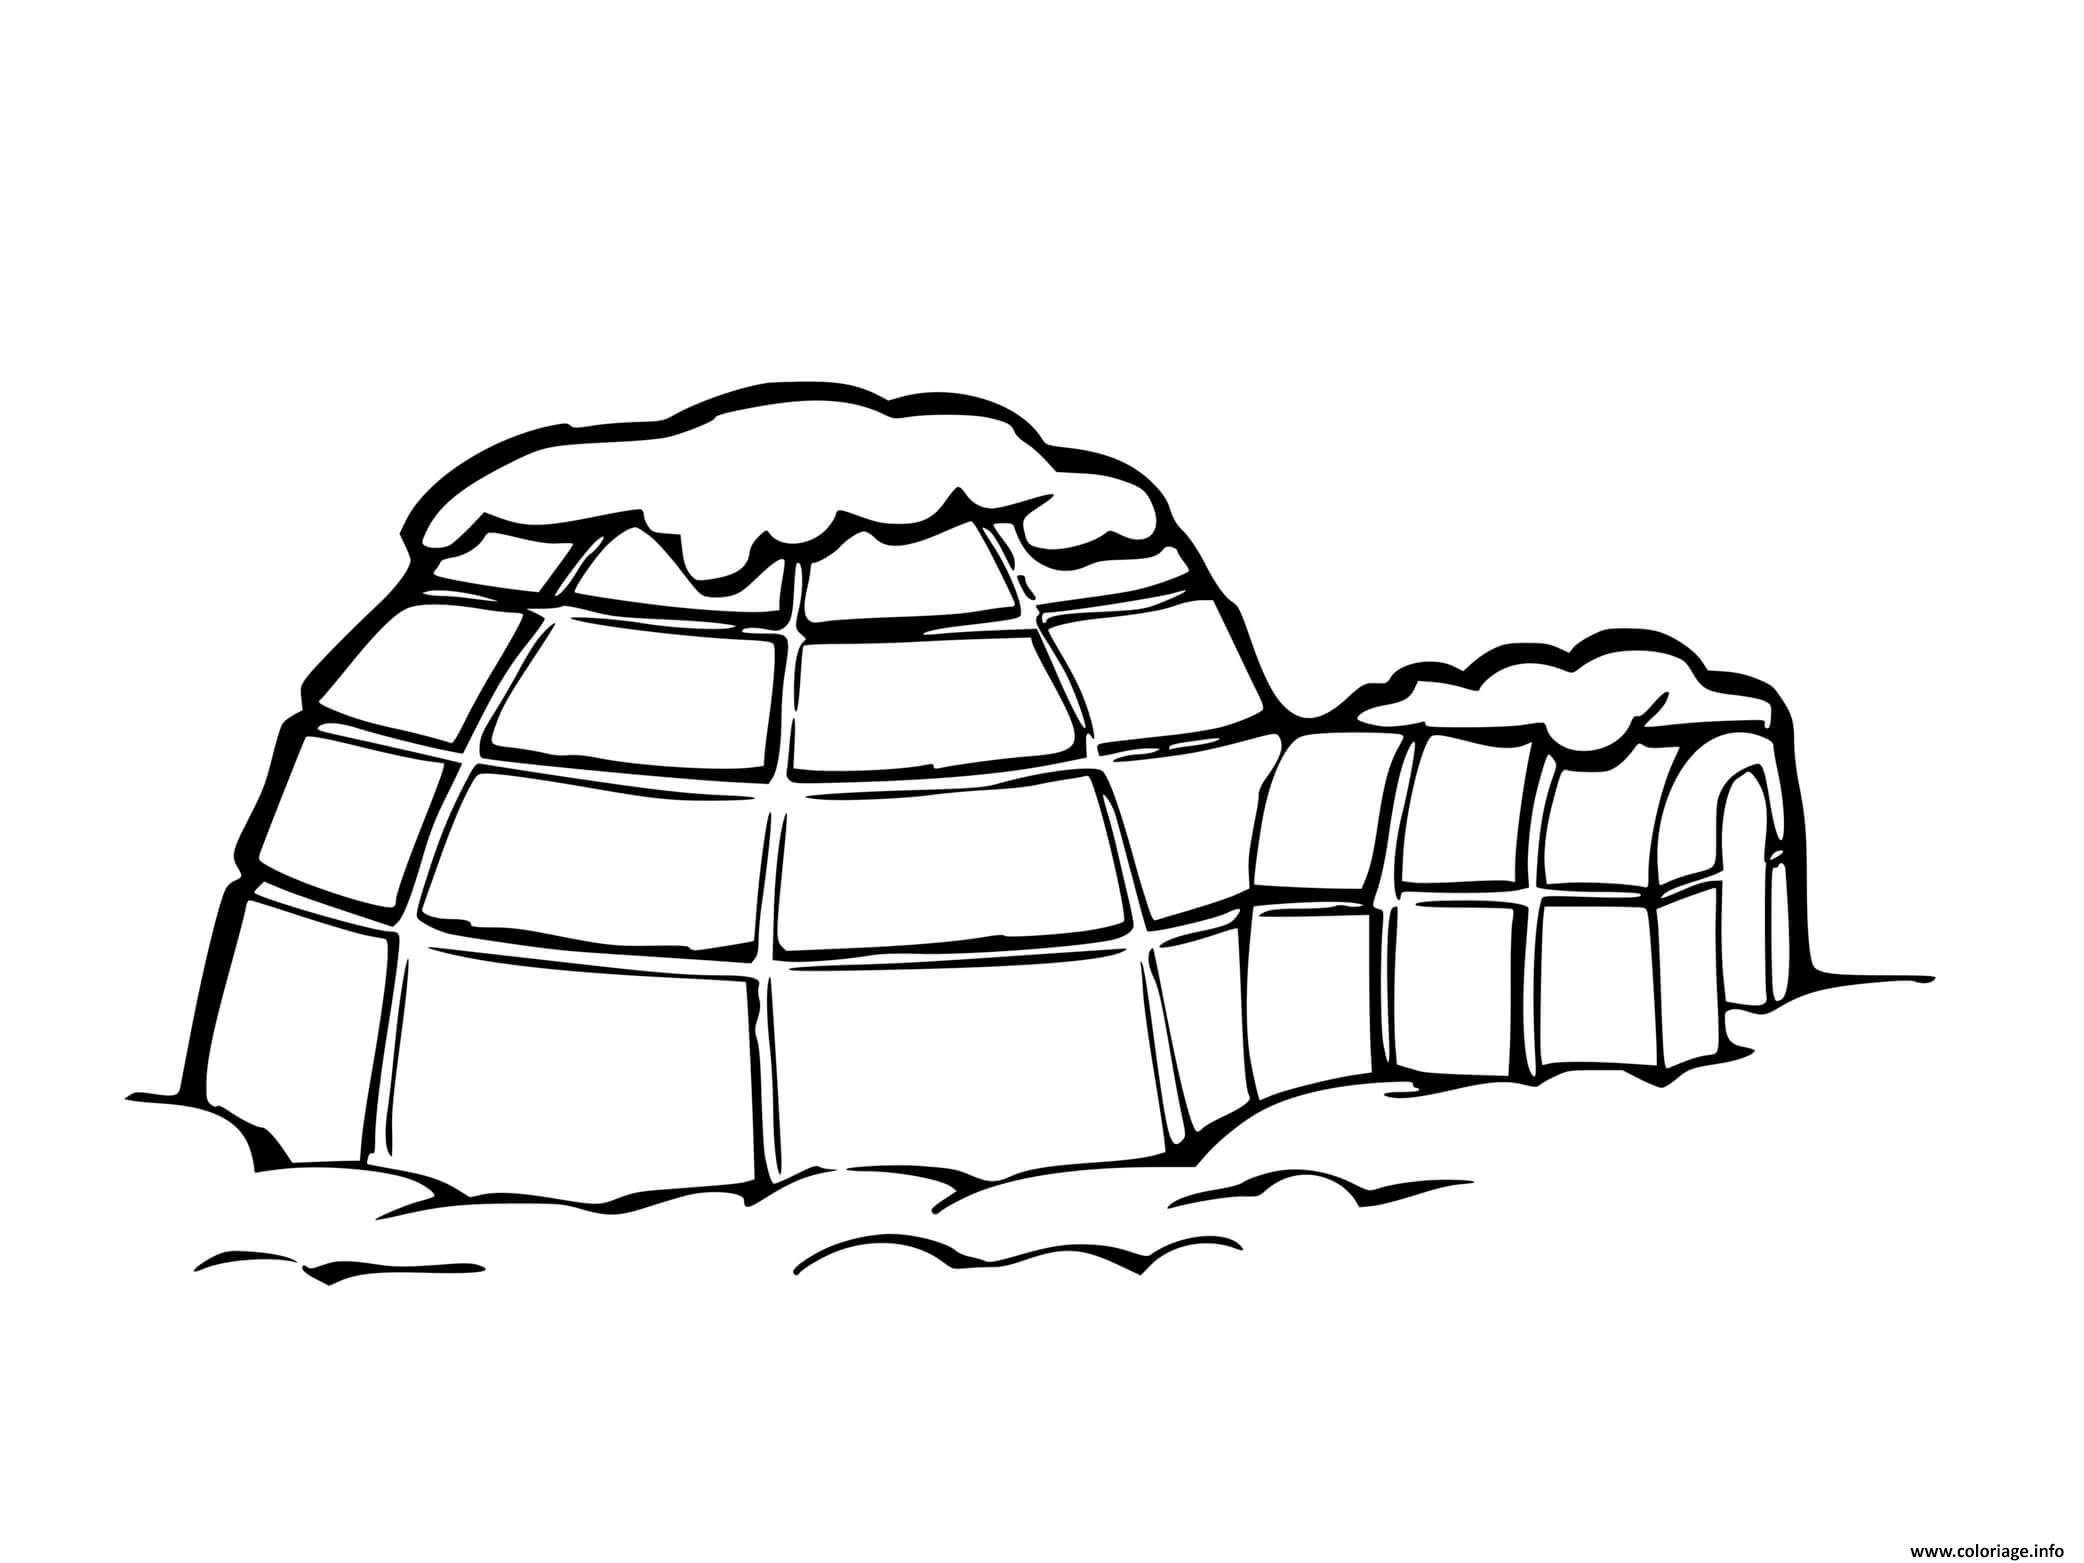 Dessin igloo habitation hivernale au froid Coloriage Gratuit à Imprimer